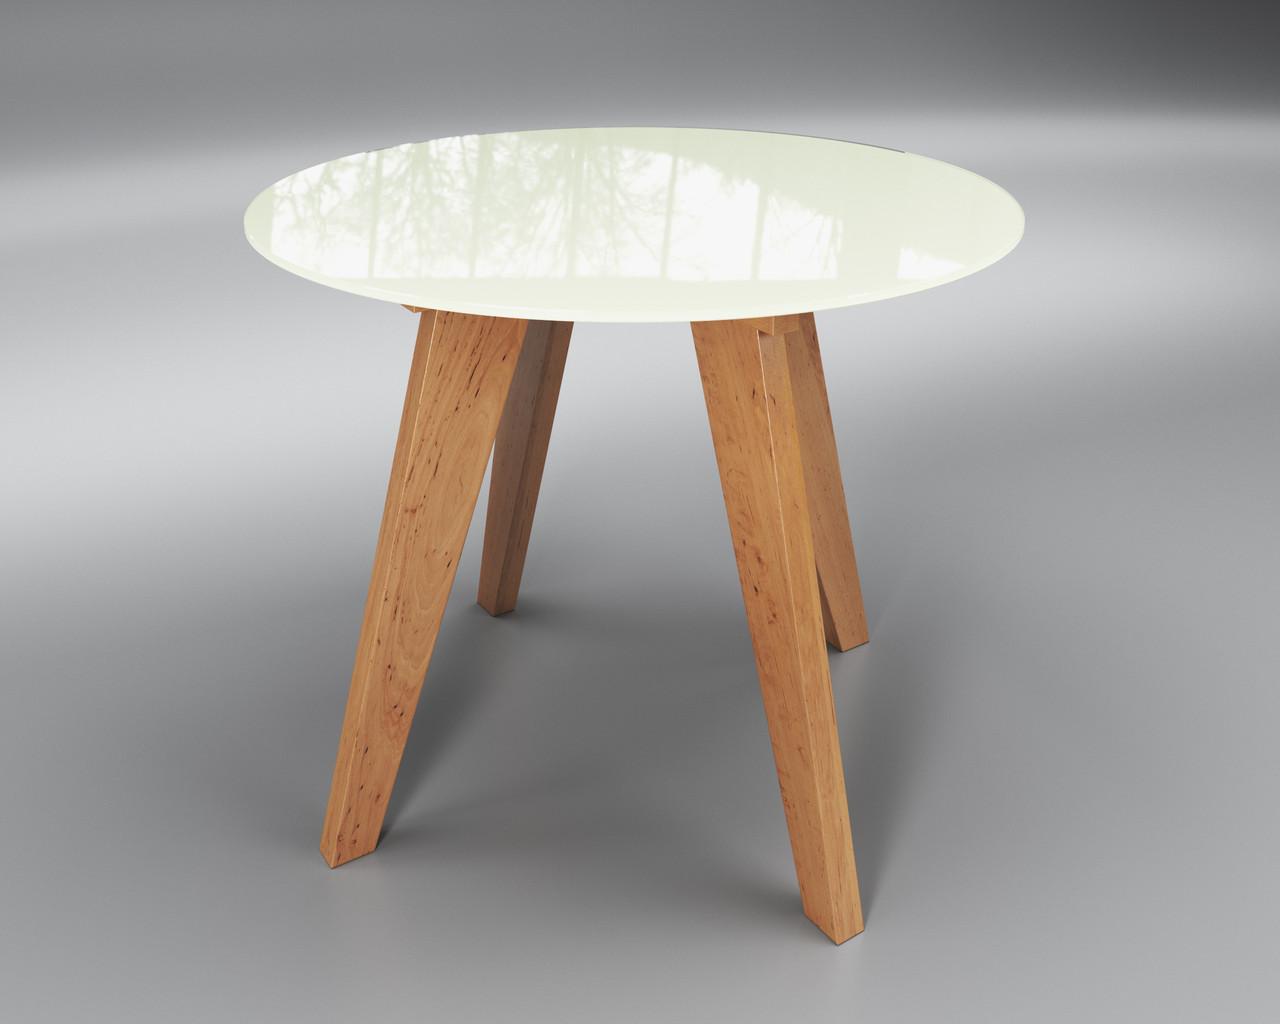 Стол круглый Леонардо Сентензо, 900х760 мм, стеклянный и деревянные ножки